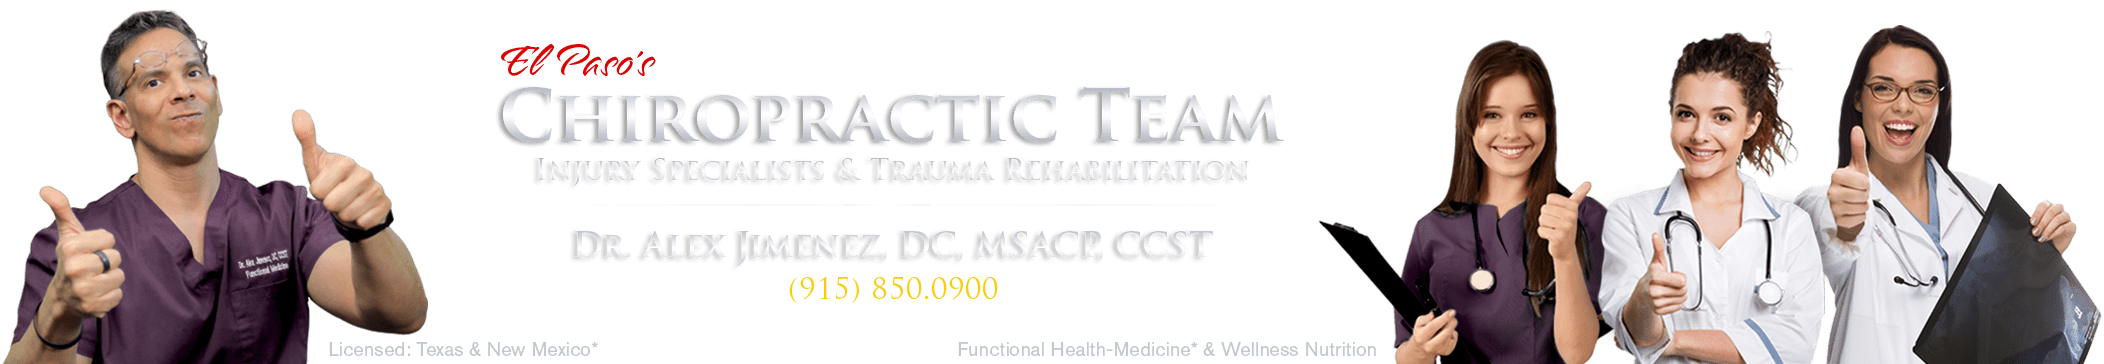 Clinica de chiropractică Premier El Paso 915-850-0900